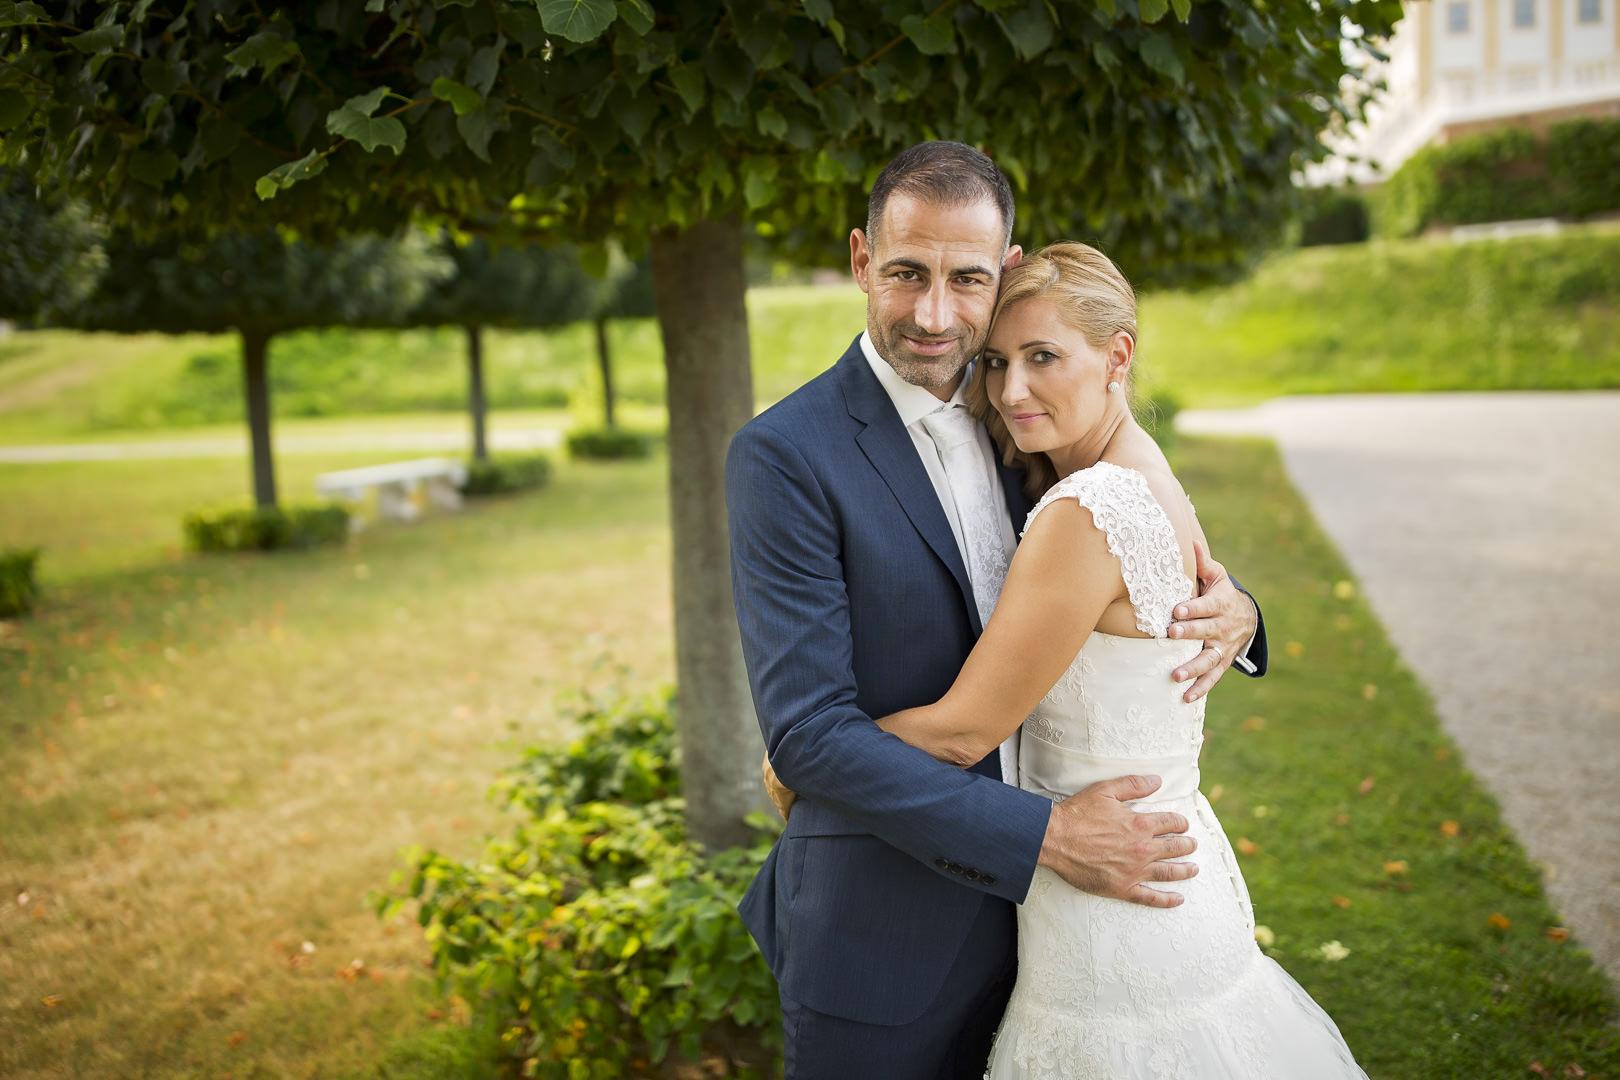 Andrea & Stefan